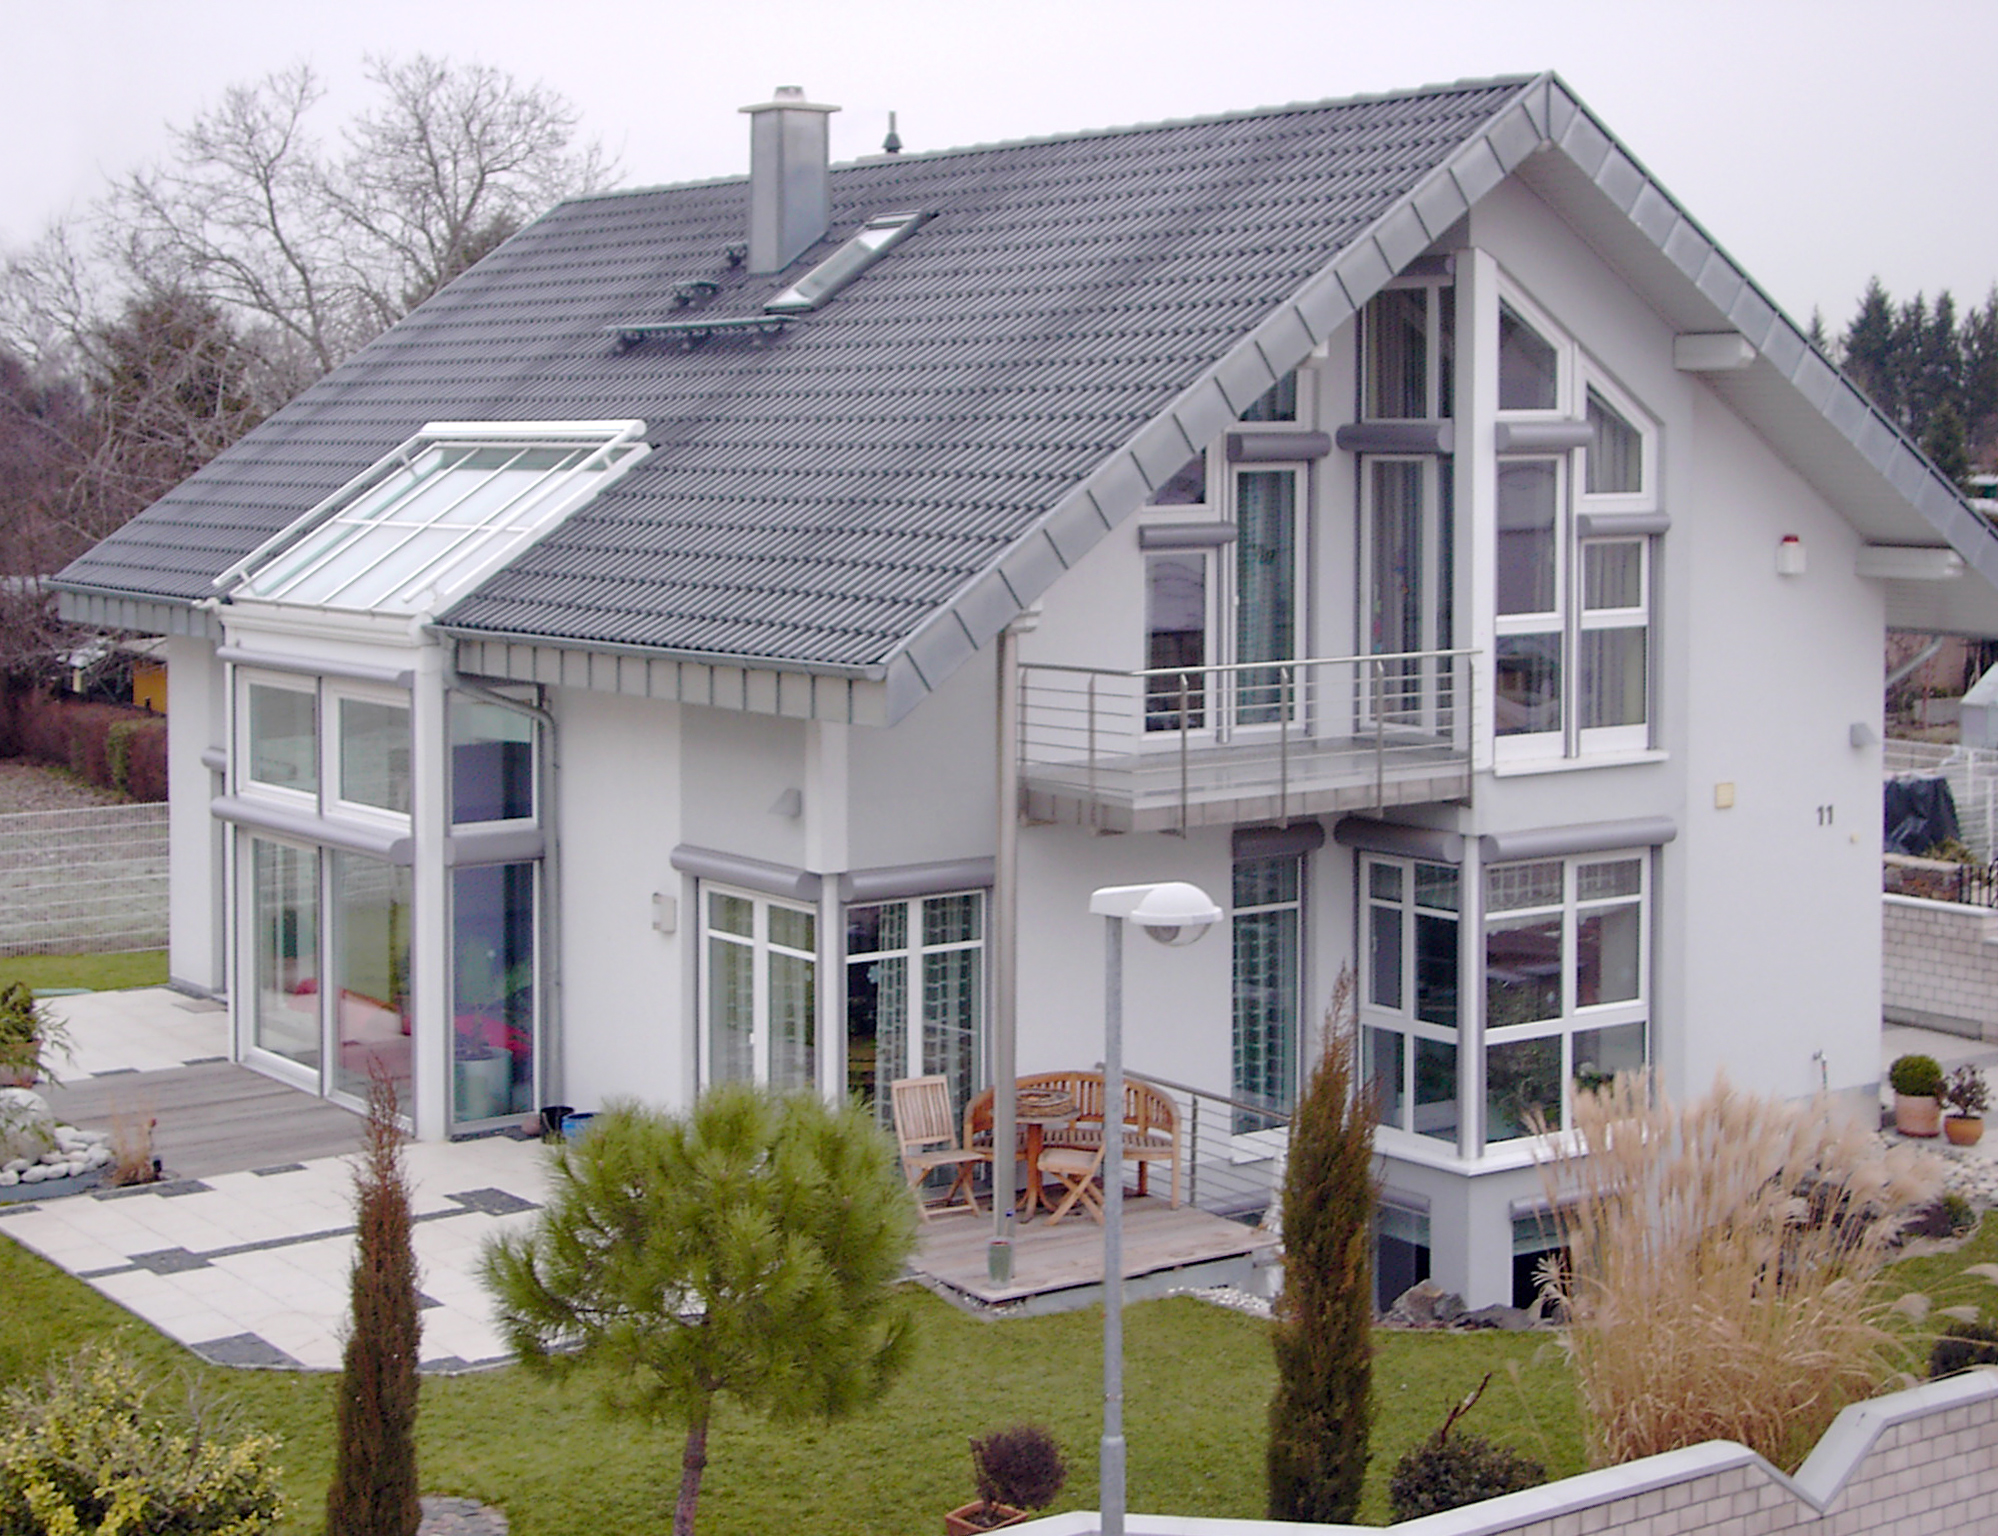 O._Kaufhold_GmbH_-_Wintergarten_-_Vorbaurollladen Faszinierend Haus Am See Garbsen Dekorationen